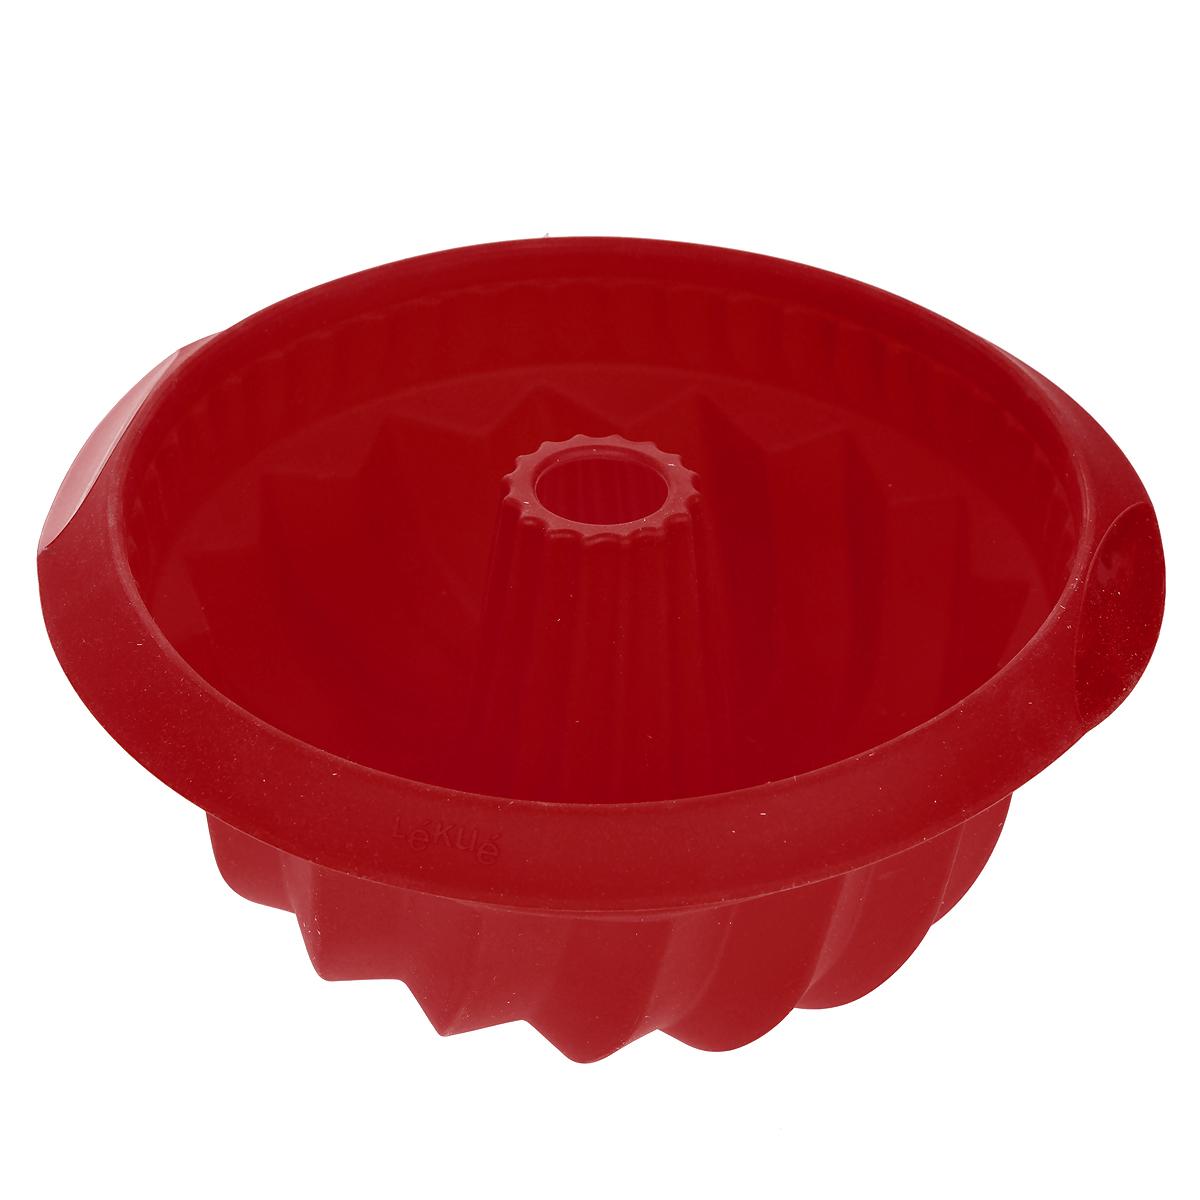 Форма для выпечки Lekue Саварин, цвет: красный. Диаметр 22 см1211800R01M033Форма для выпечки Lekue Саварин, выполненная из силикона красного цвета, поможет вам получить профессиональные и красивые изделия в домашних условиях. Форма обладает антипригарными свойствами, ее легко использовать, мыть и хранить. Отделять готовое изделие от формы несложно, при этом не надо смазывать их жиром или маслом. Характеристики: Материал: силикон. Внутренний диаметр формы: 22 см. Размер формы: 26 см х 26 см 11 см.